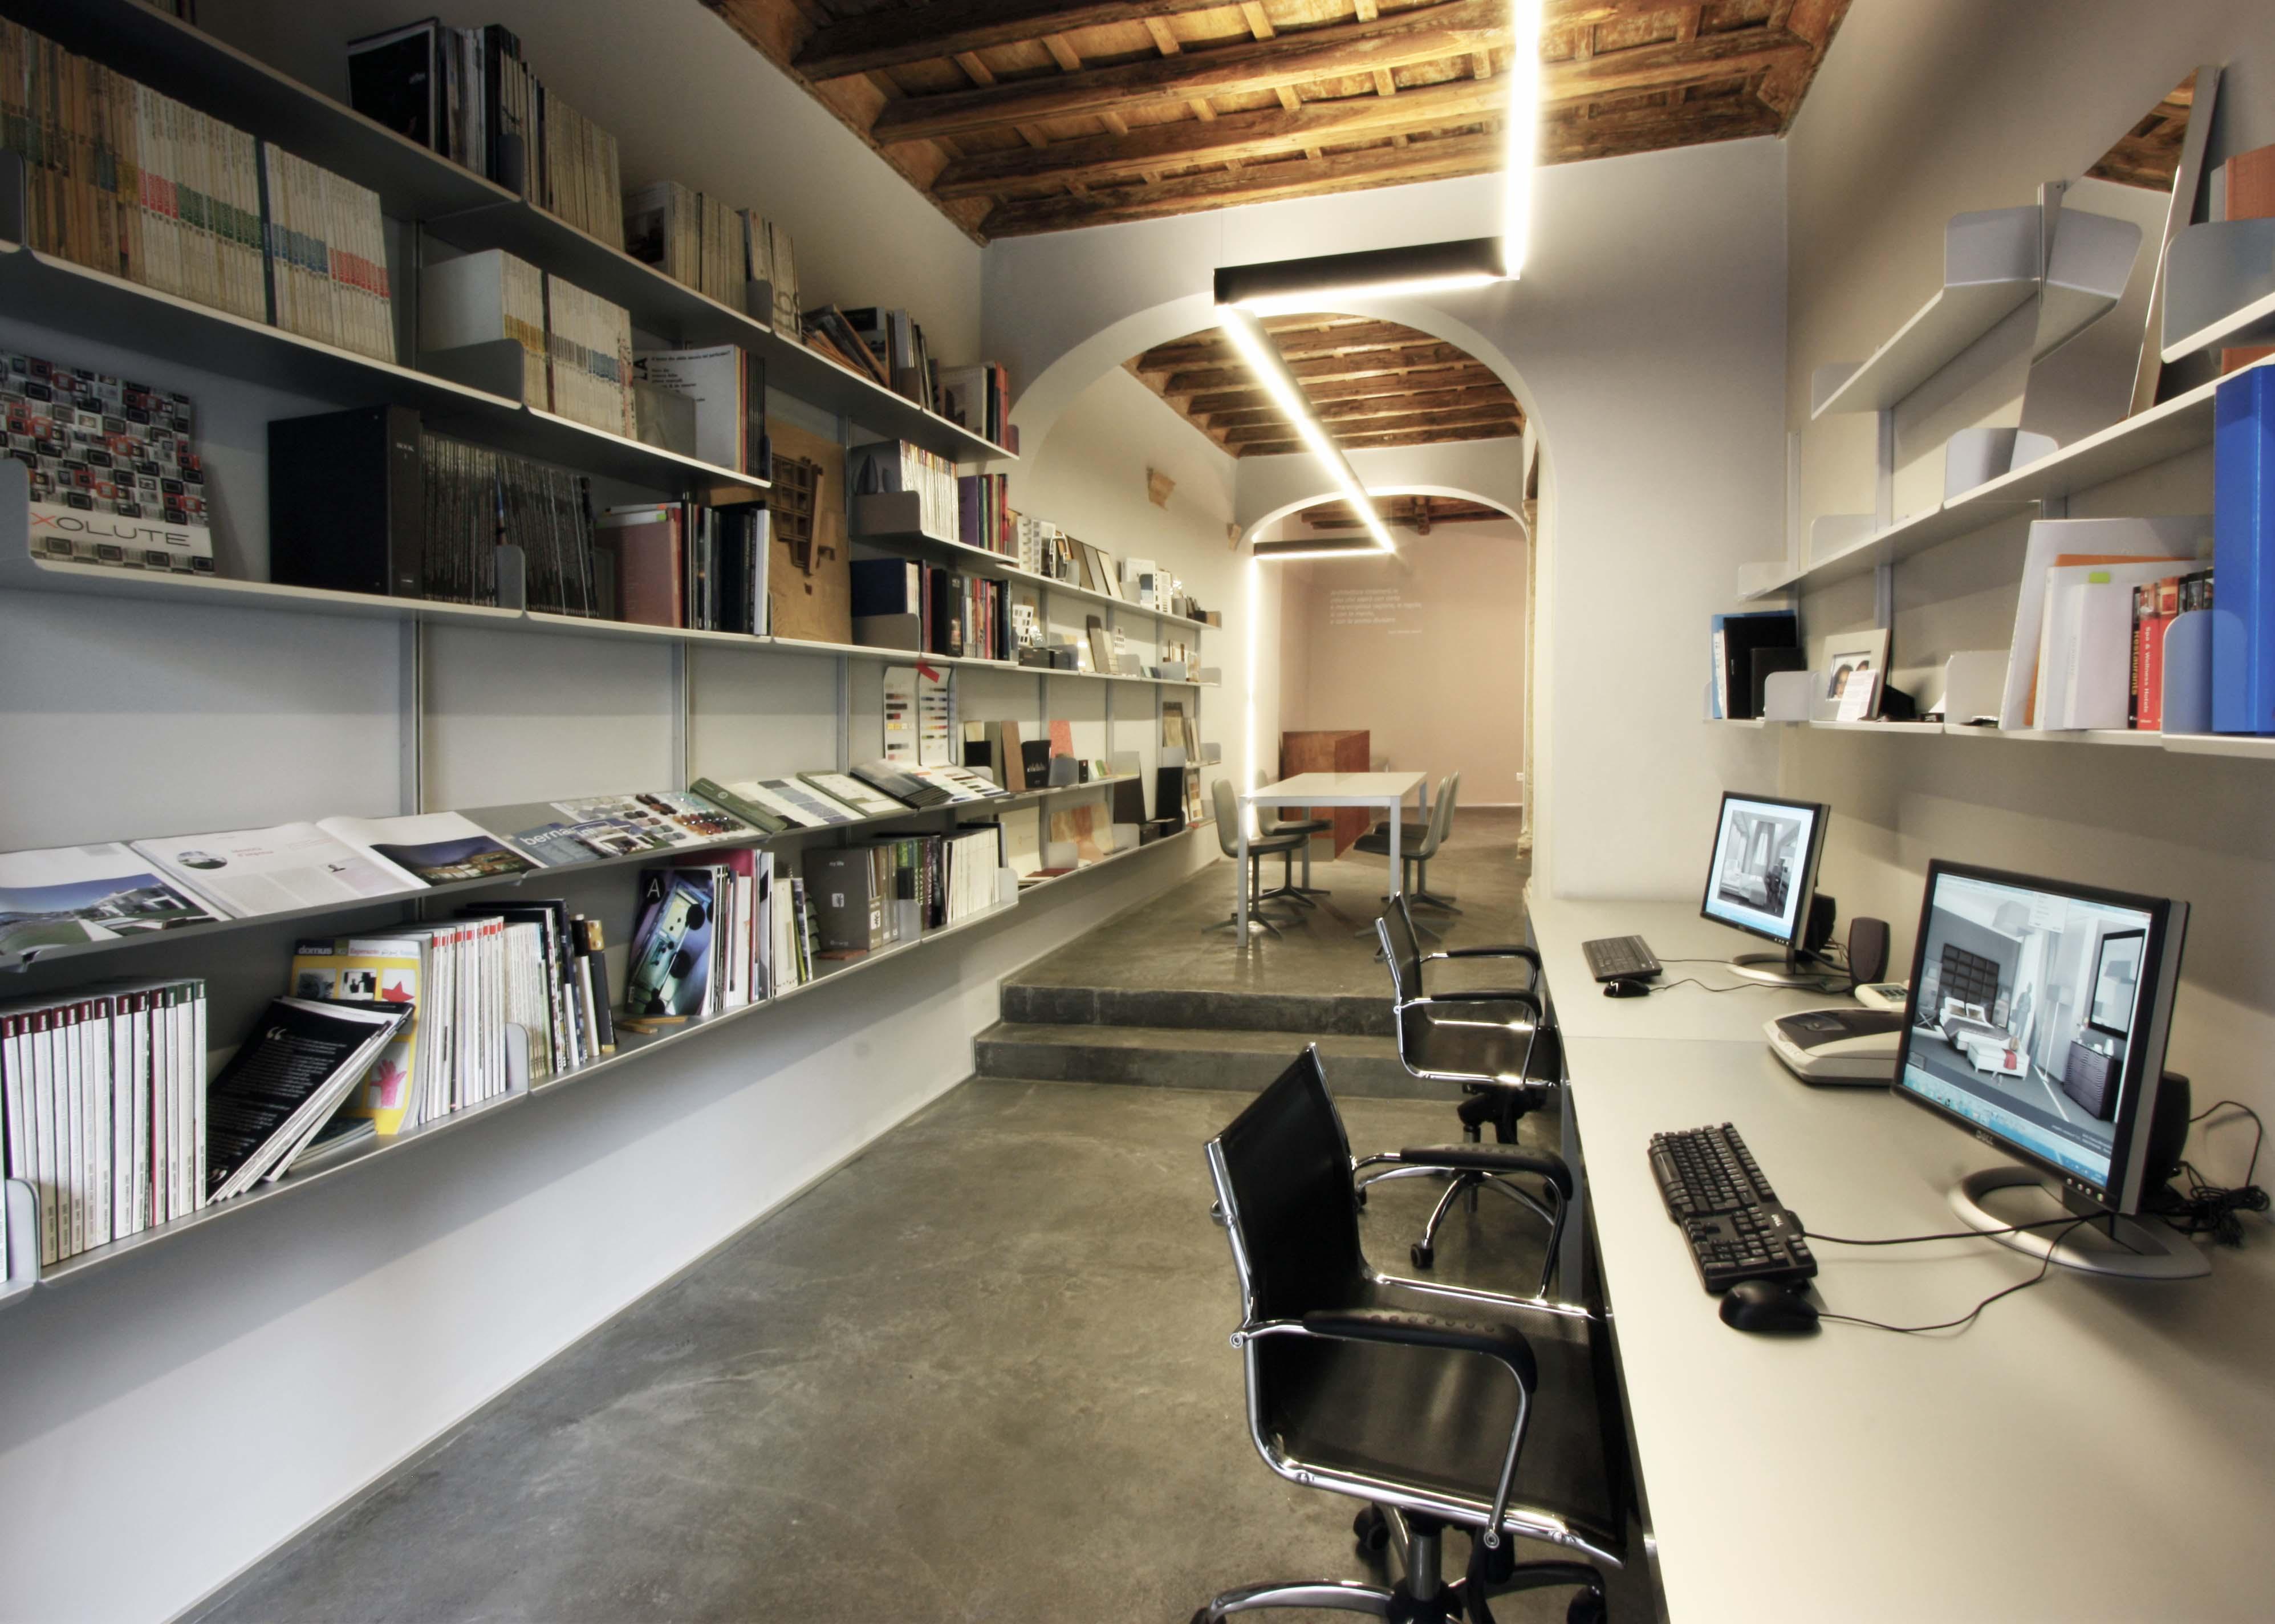 Studio di via di panico 8 franco bernardini architetto - Architetto interni roma ...